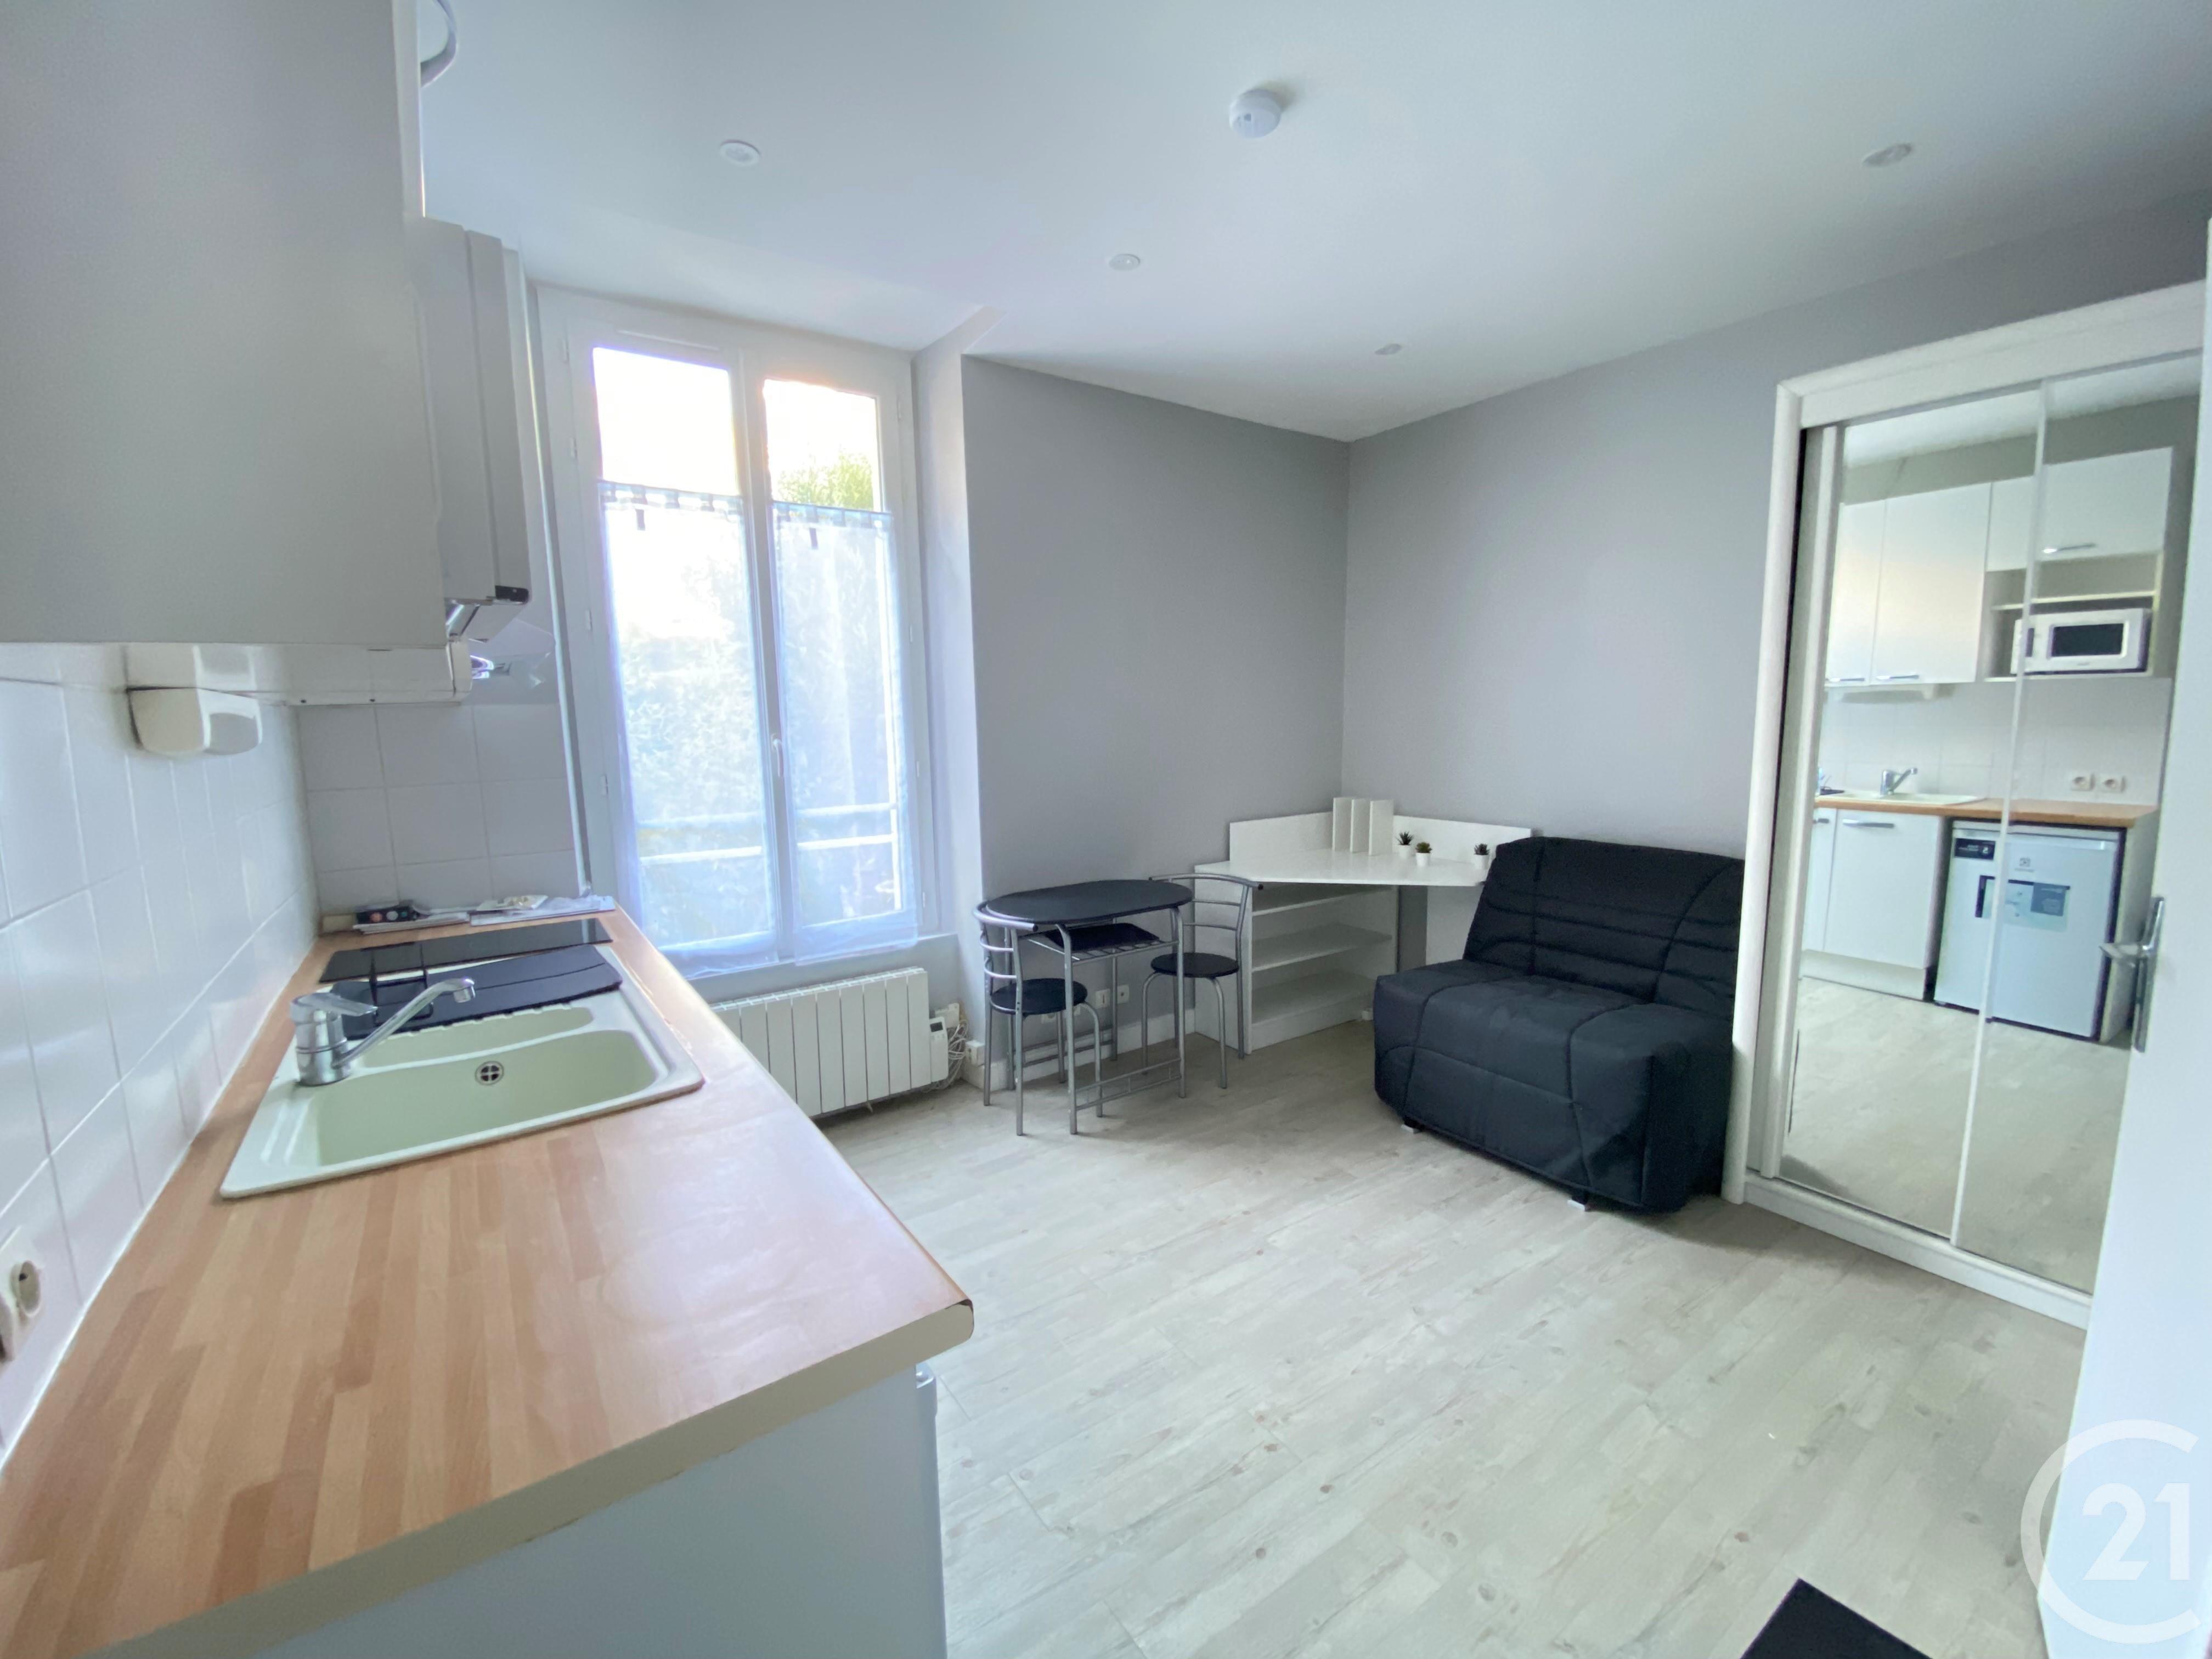 Appartement a louer boulogne-billancourt - 1 pièce(s) - 20 m2 - Surfyn